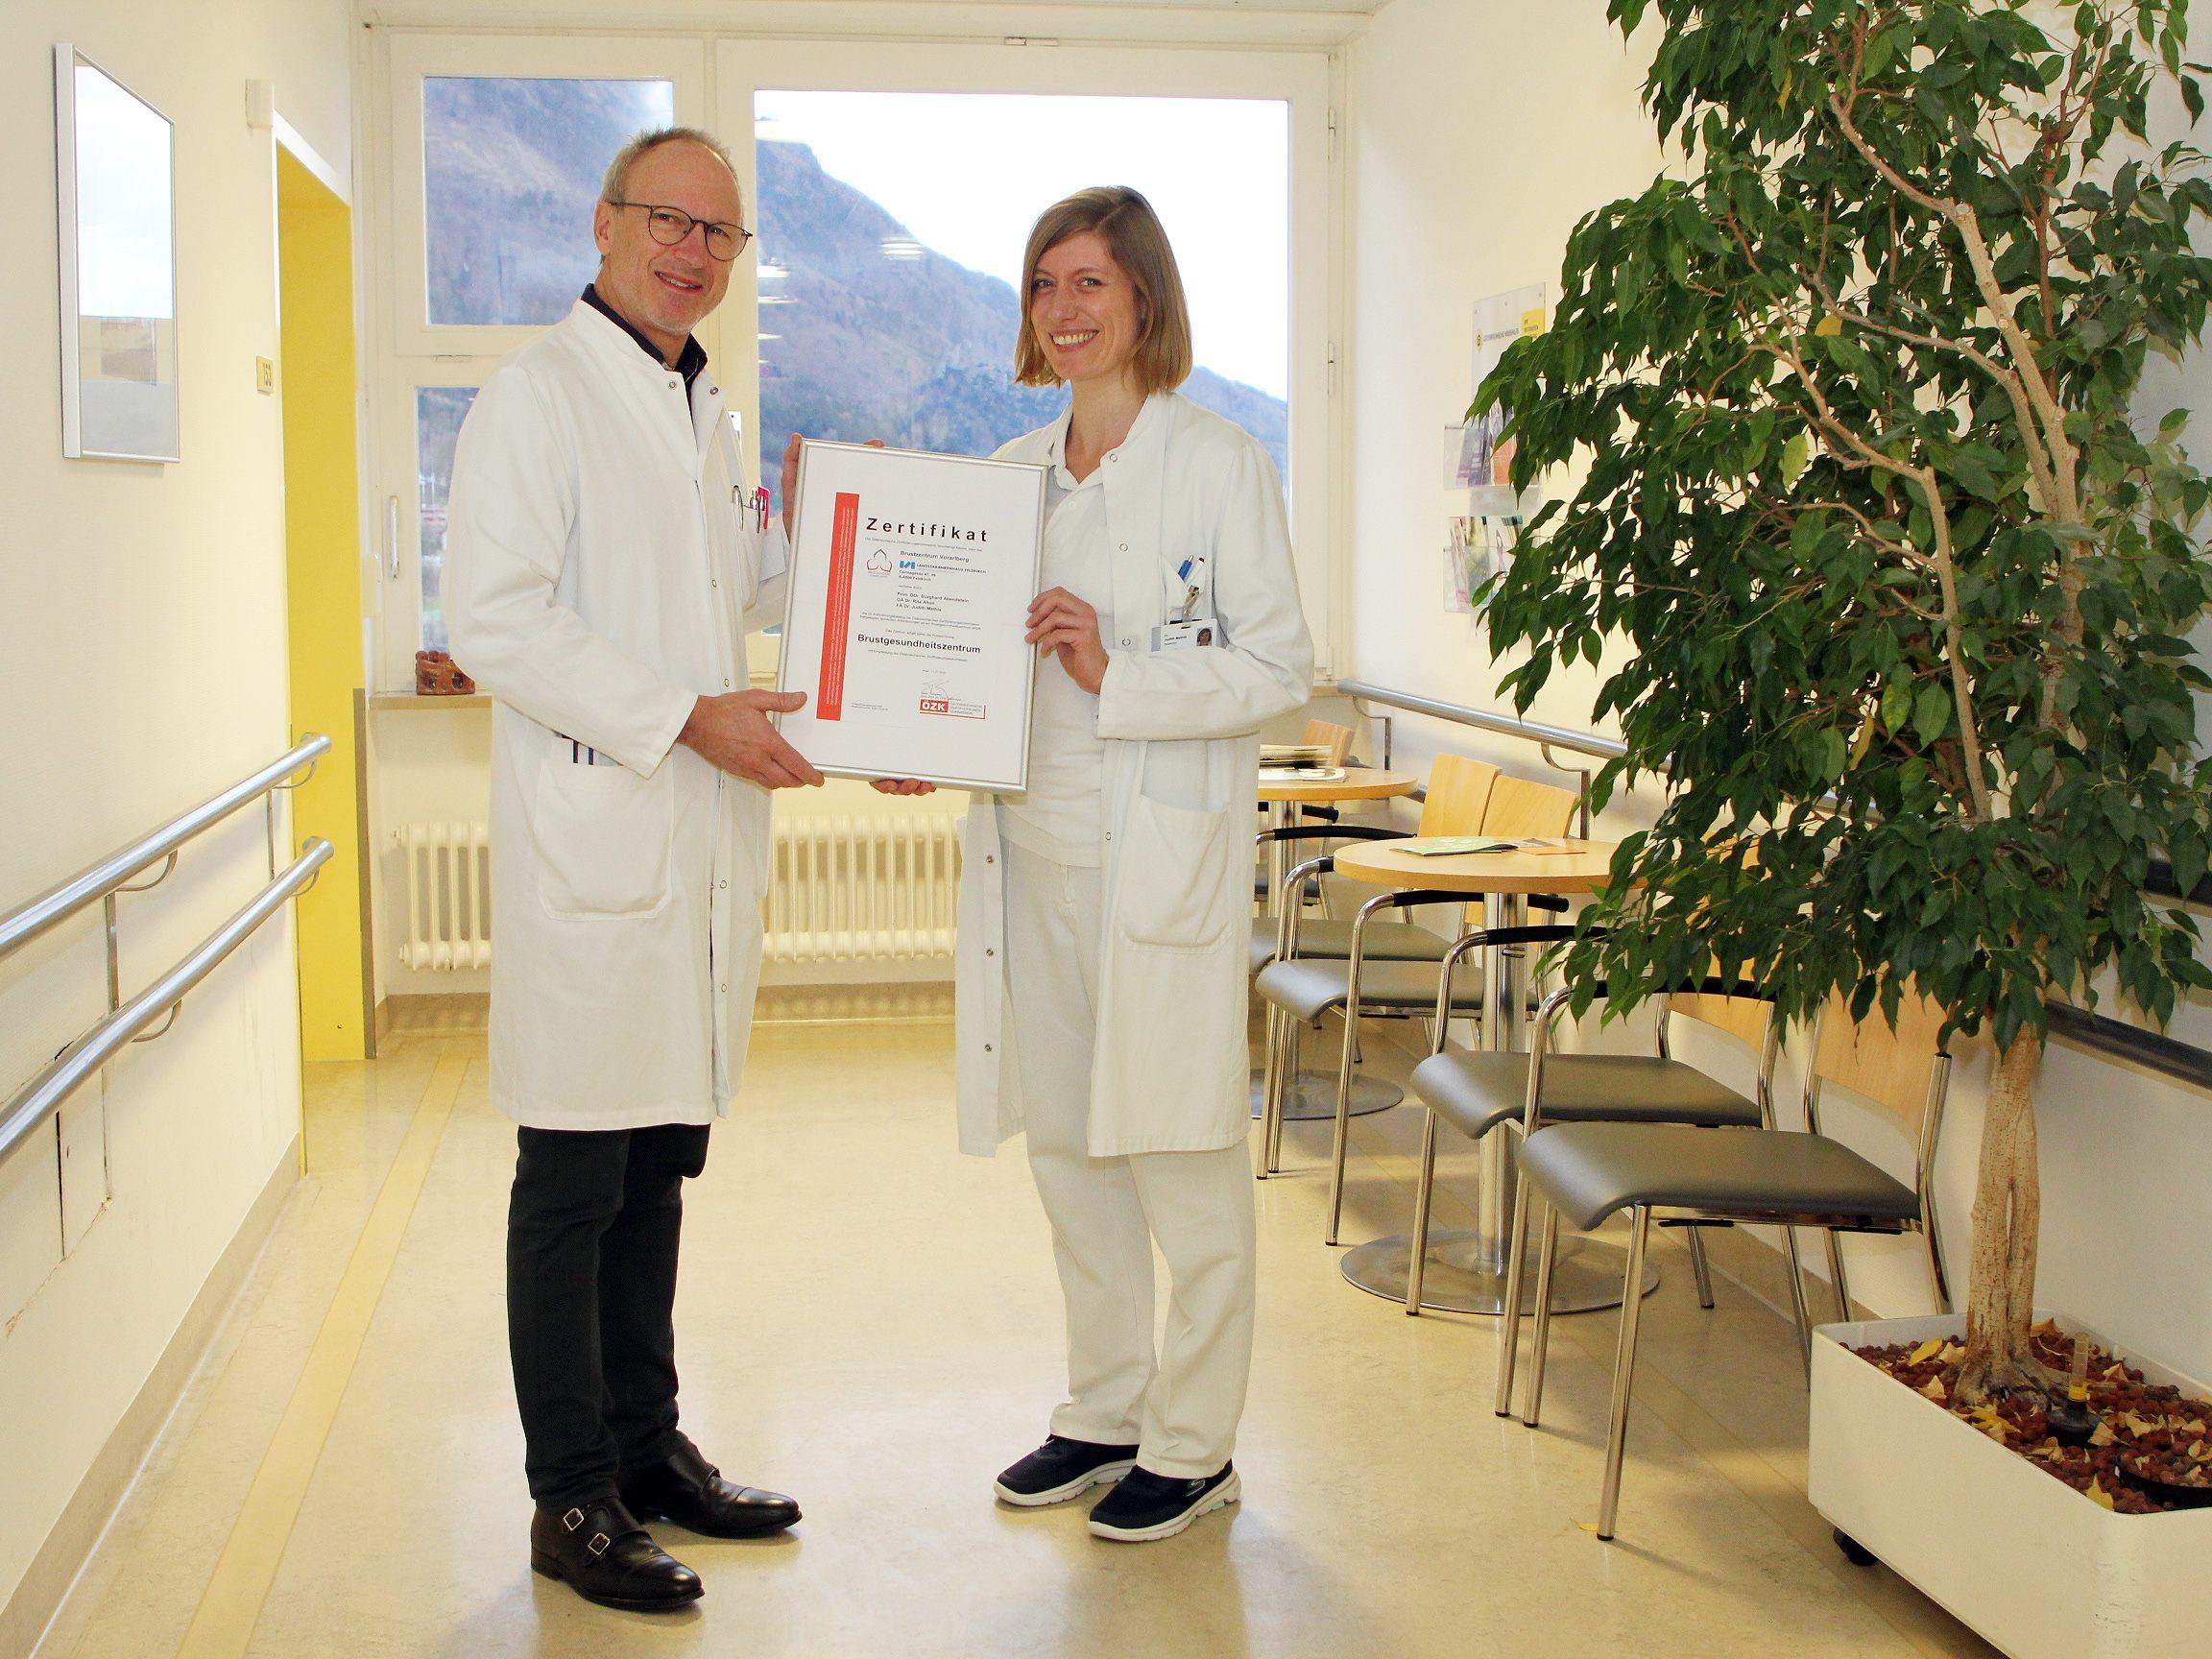 Mehr Beschftigte im Bezirk Feldkirch - Feldkirch   intertecinc.com